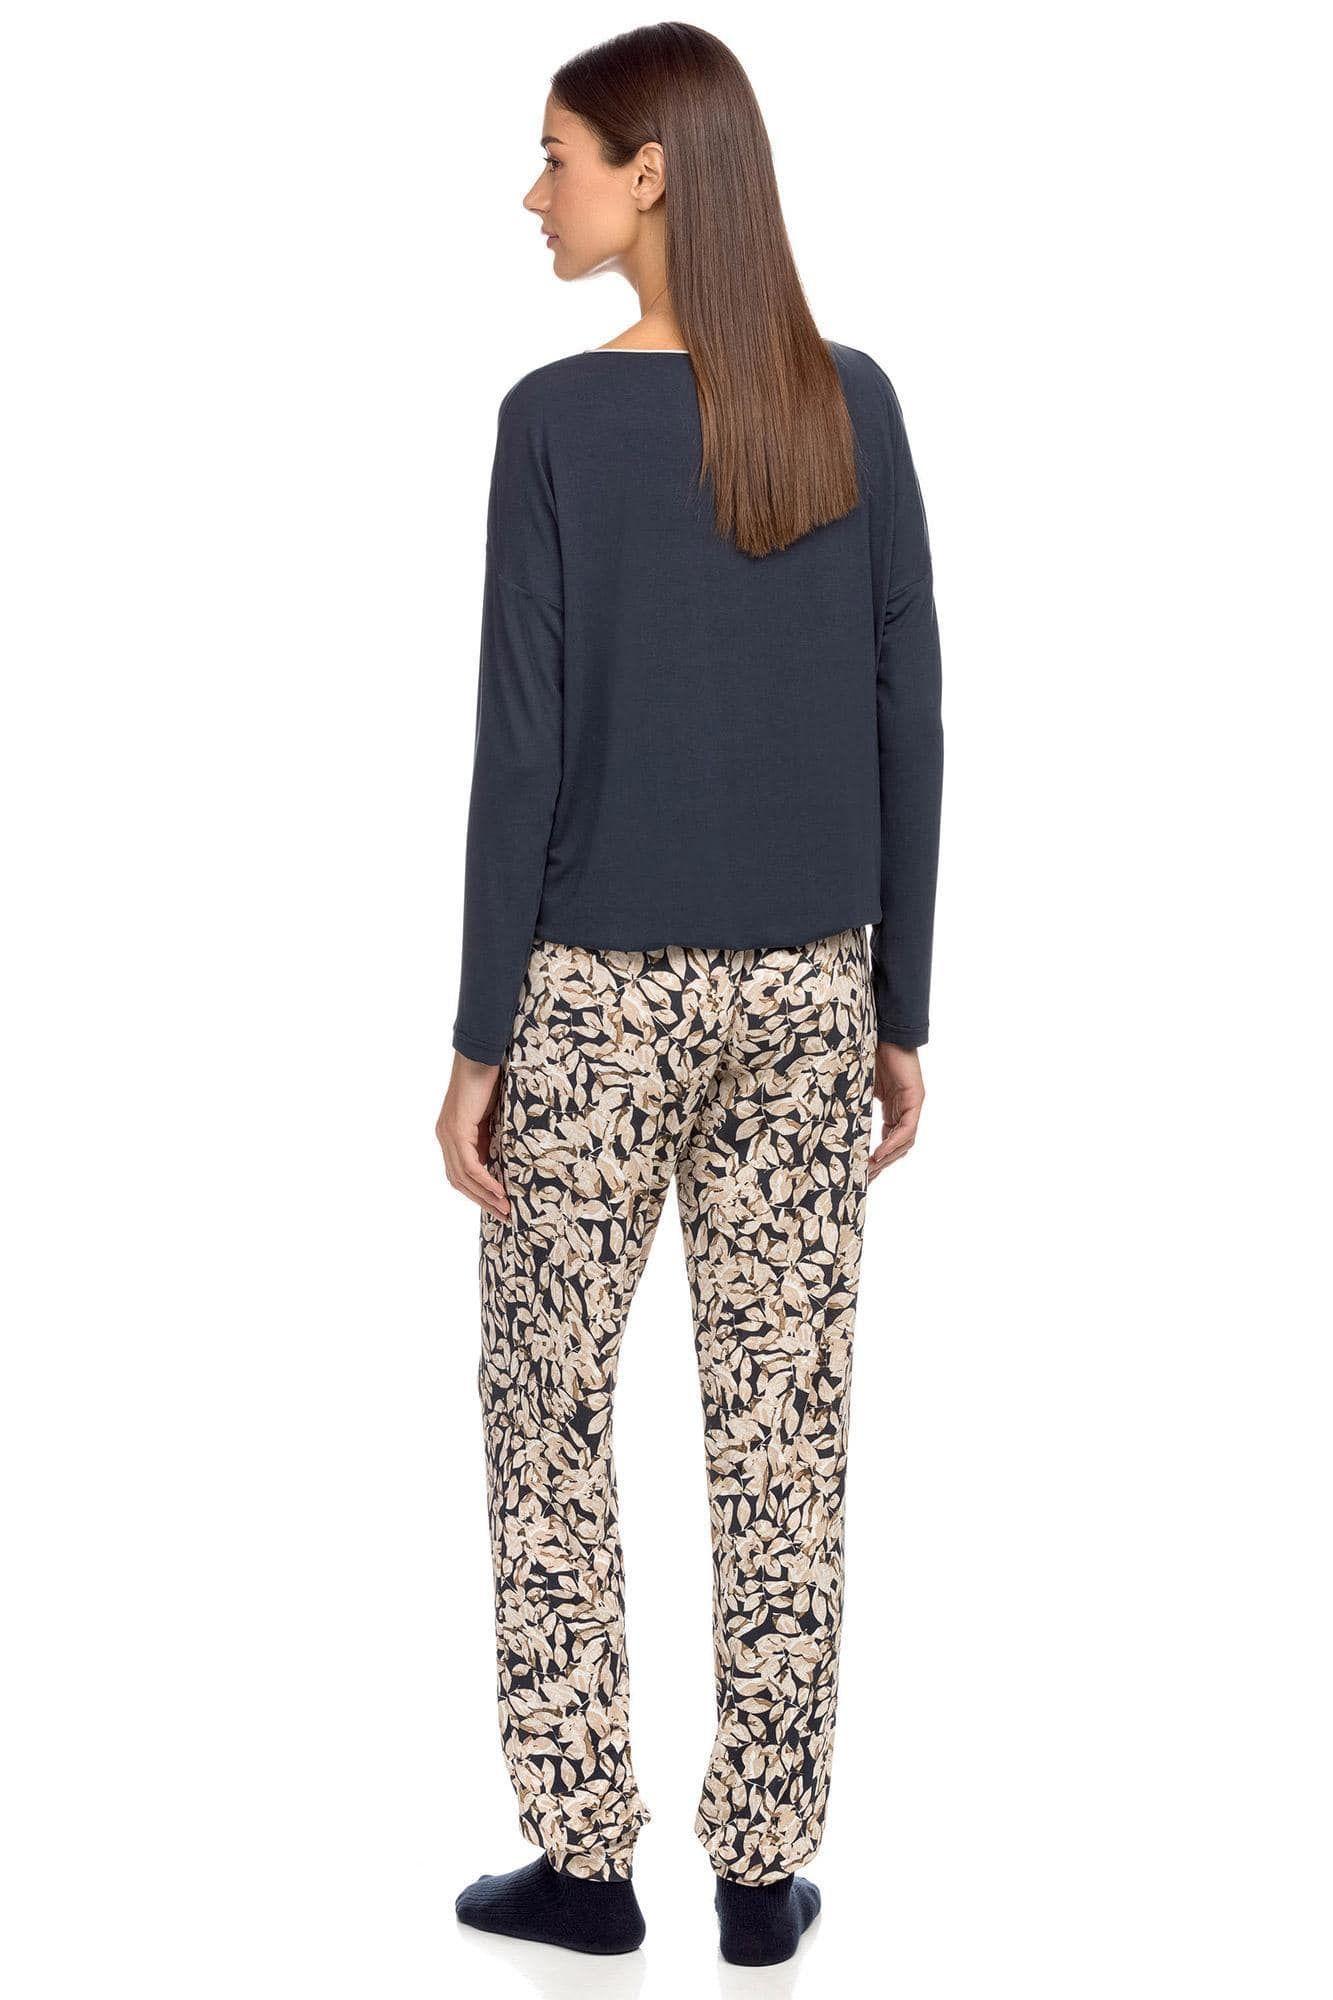 Women's Comfort Pyjamas set